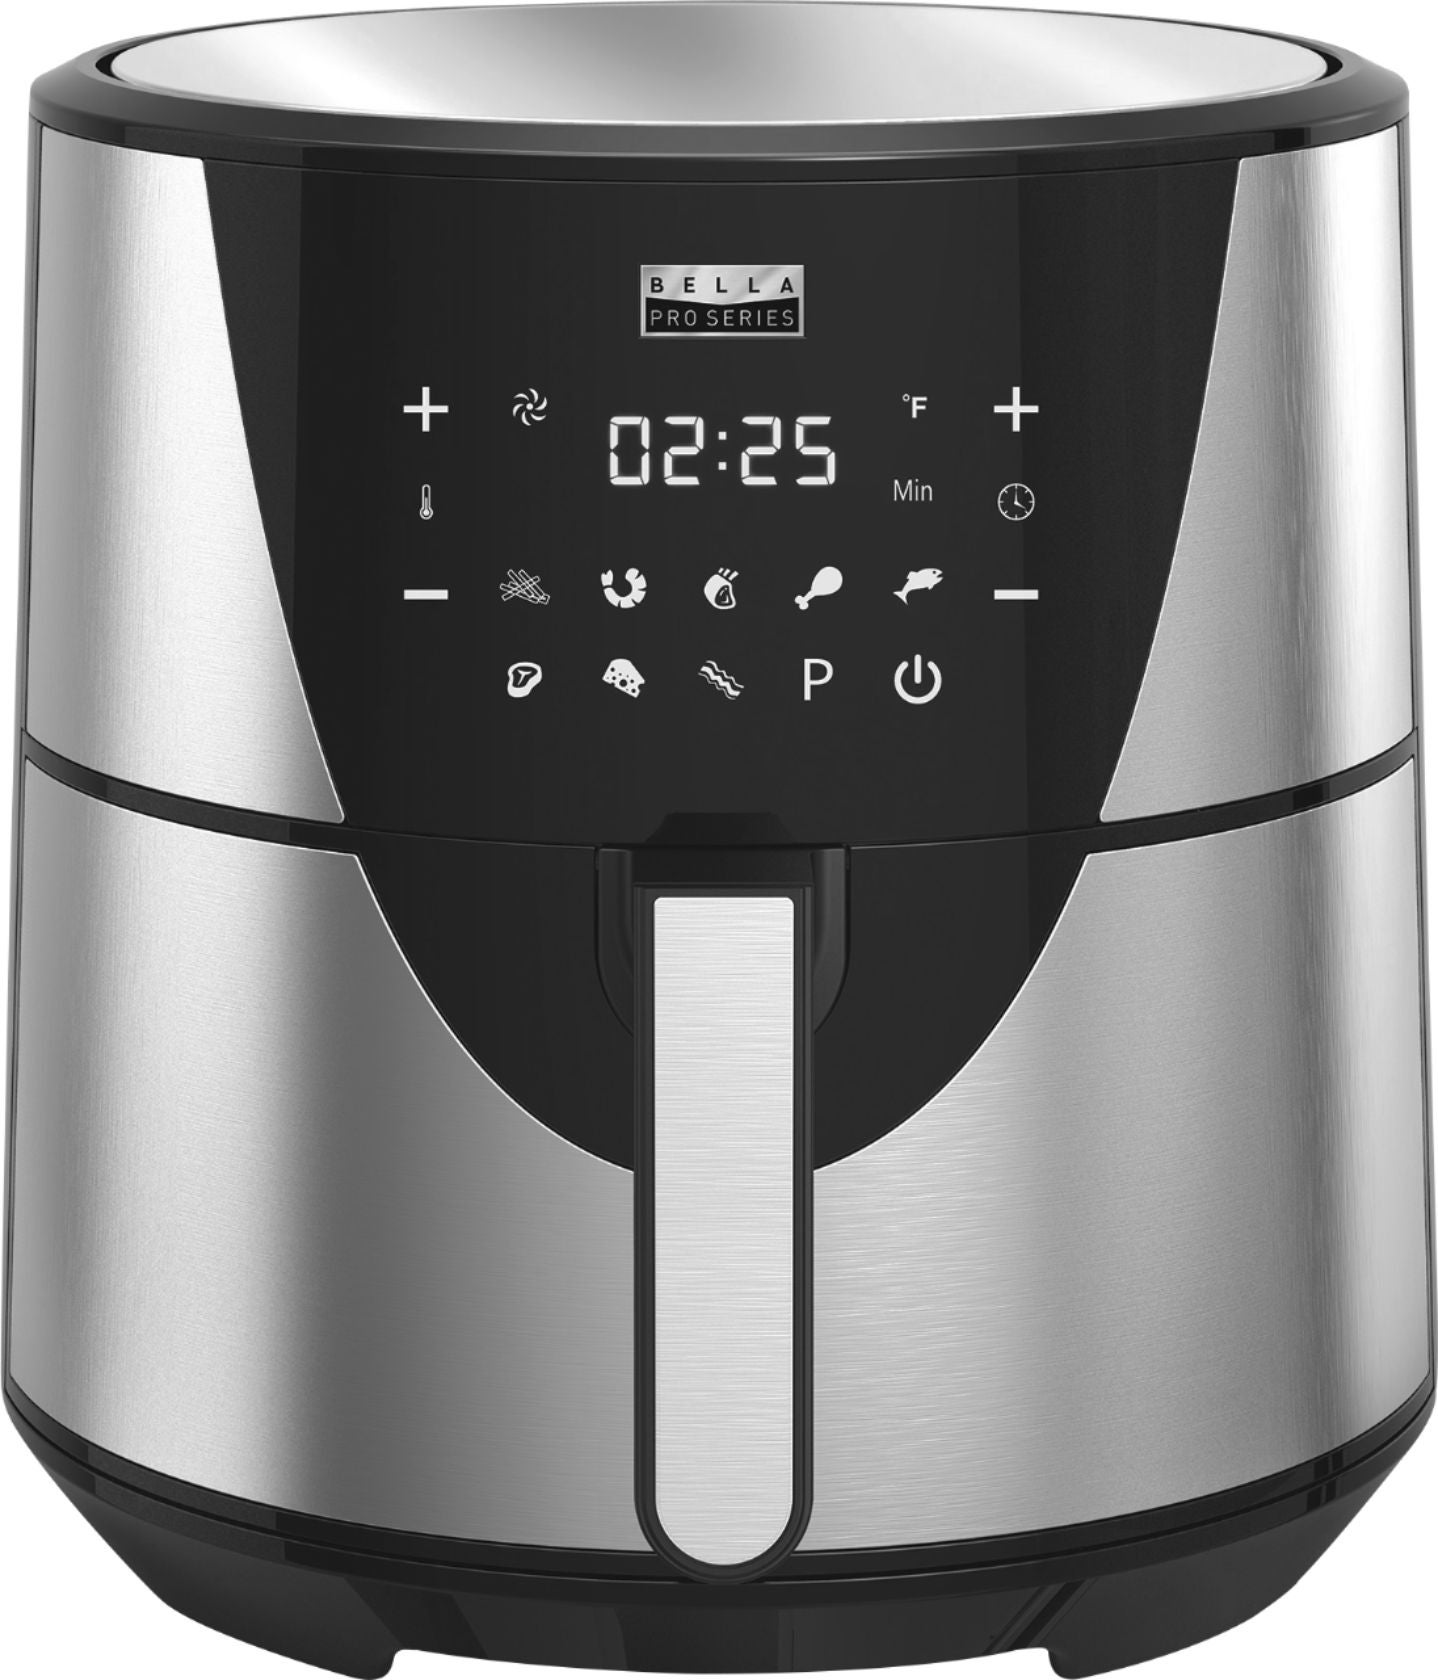 Bella Pro Series - 8-qt. Touchscreen Air Fryer